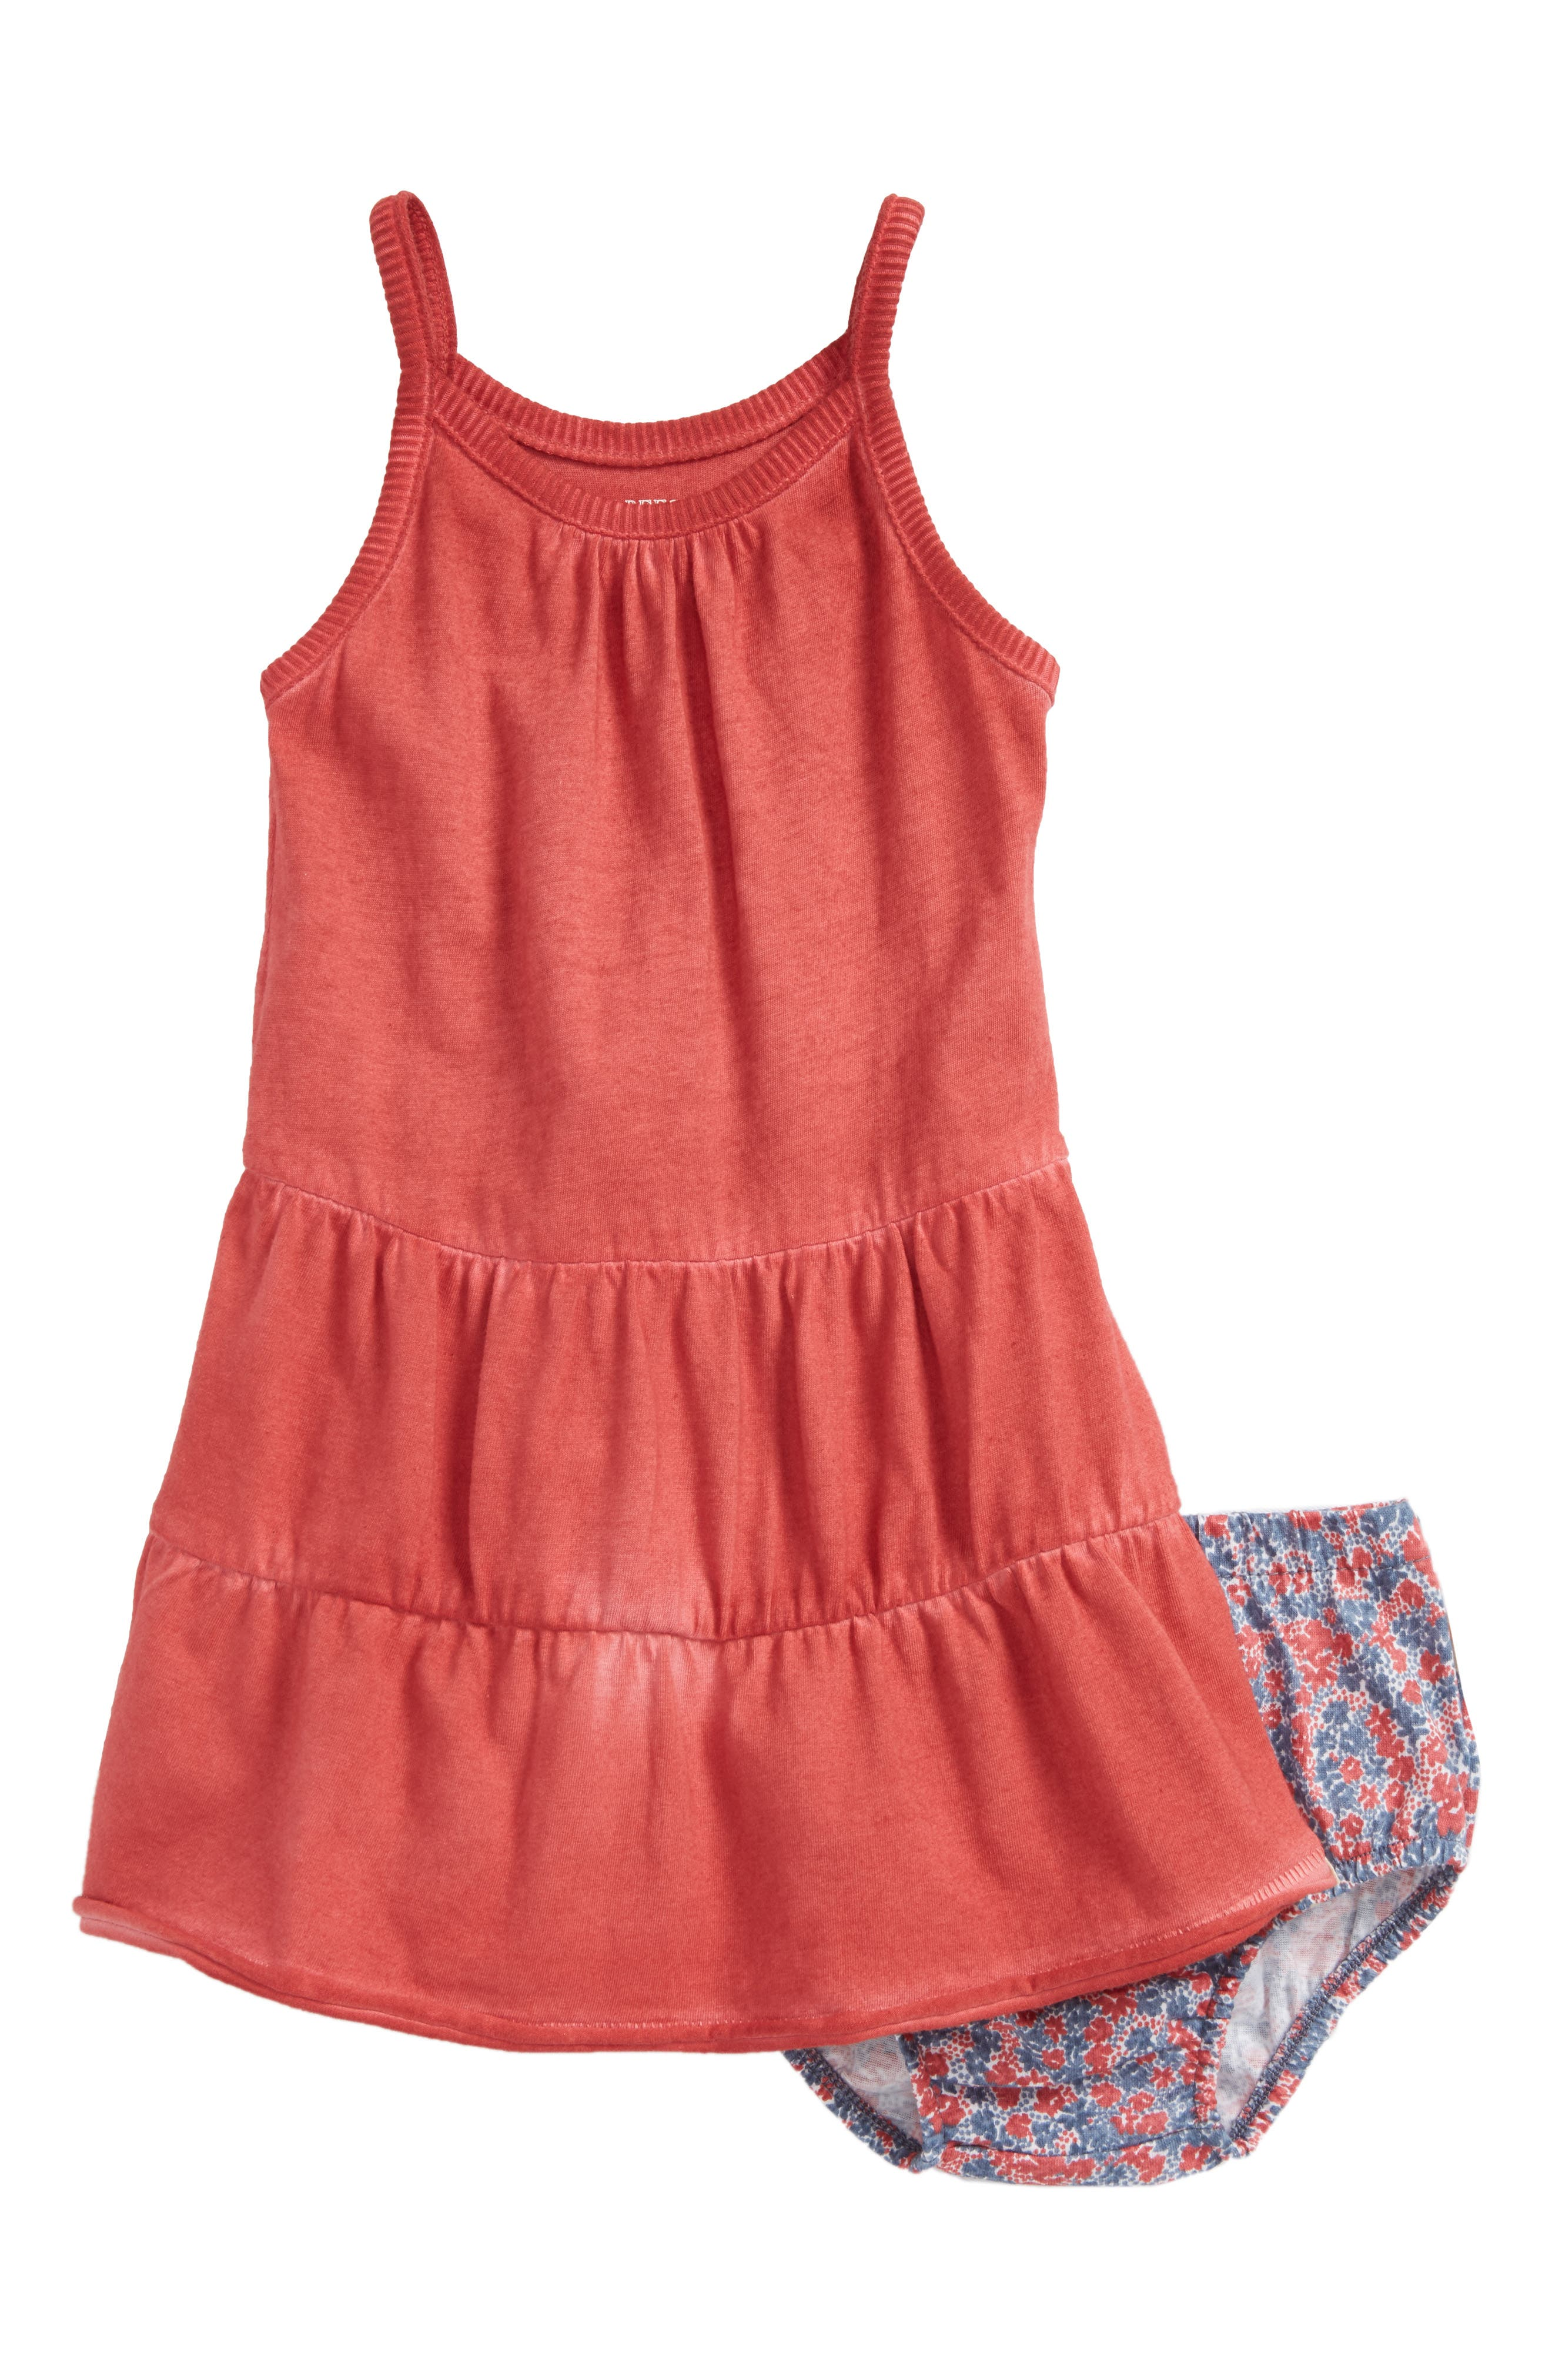 Burt's Bees Baby Organic Cotton Tiered Dress (Baby Girls)